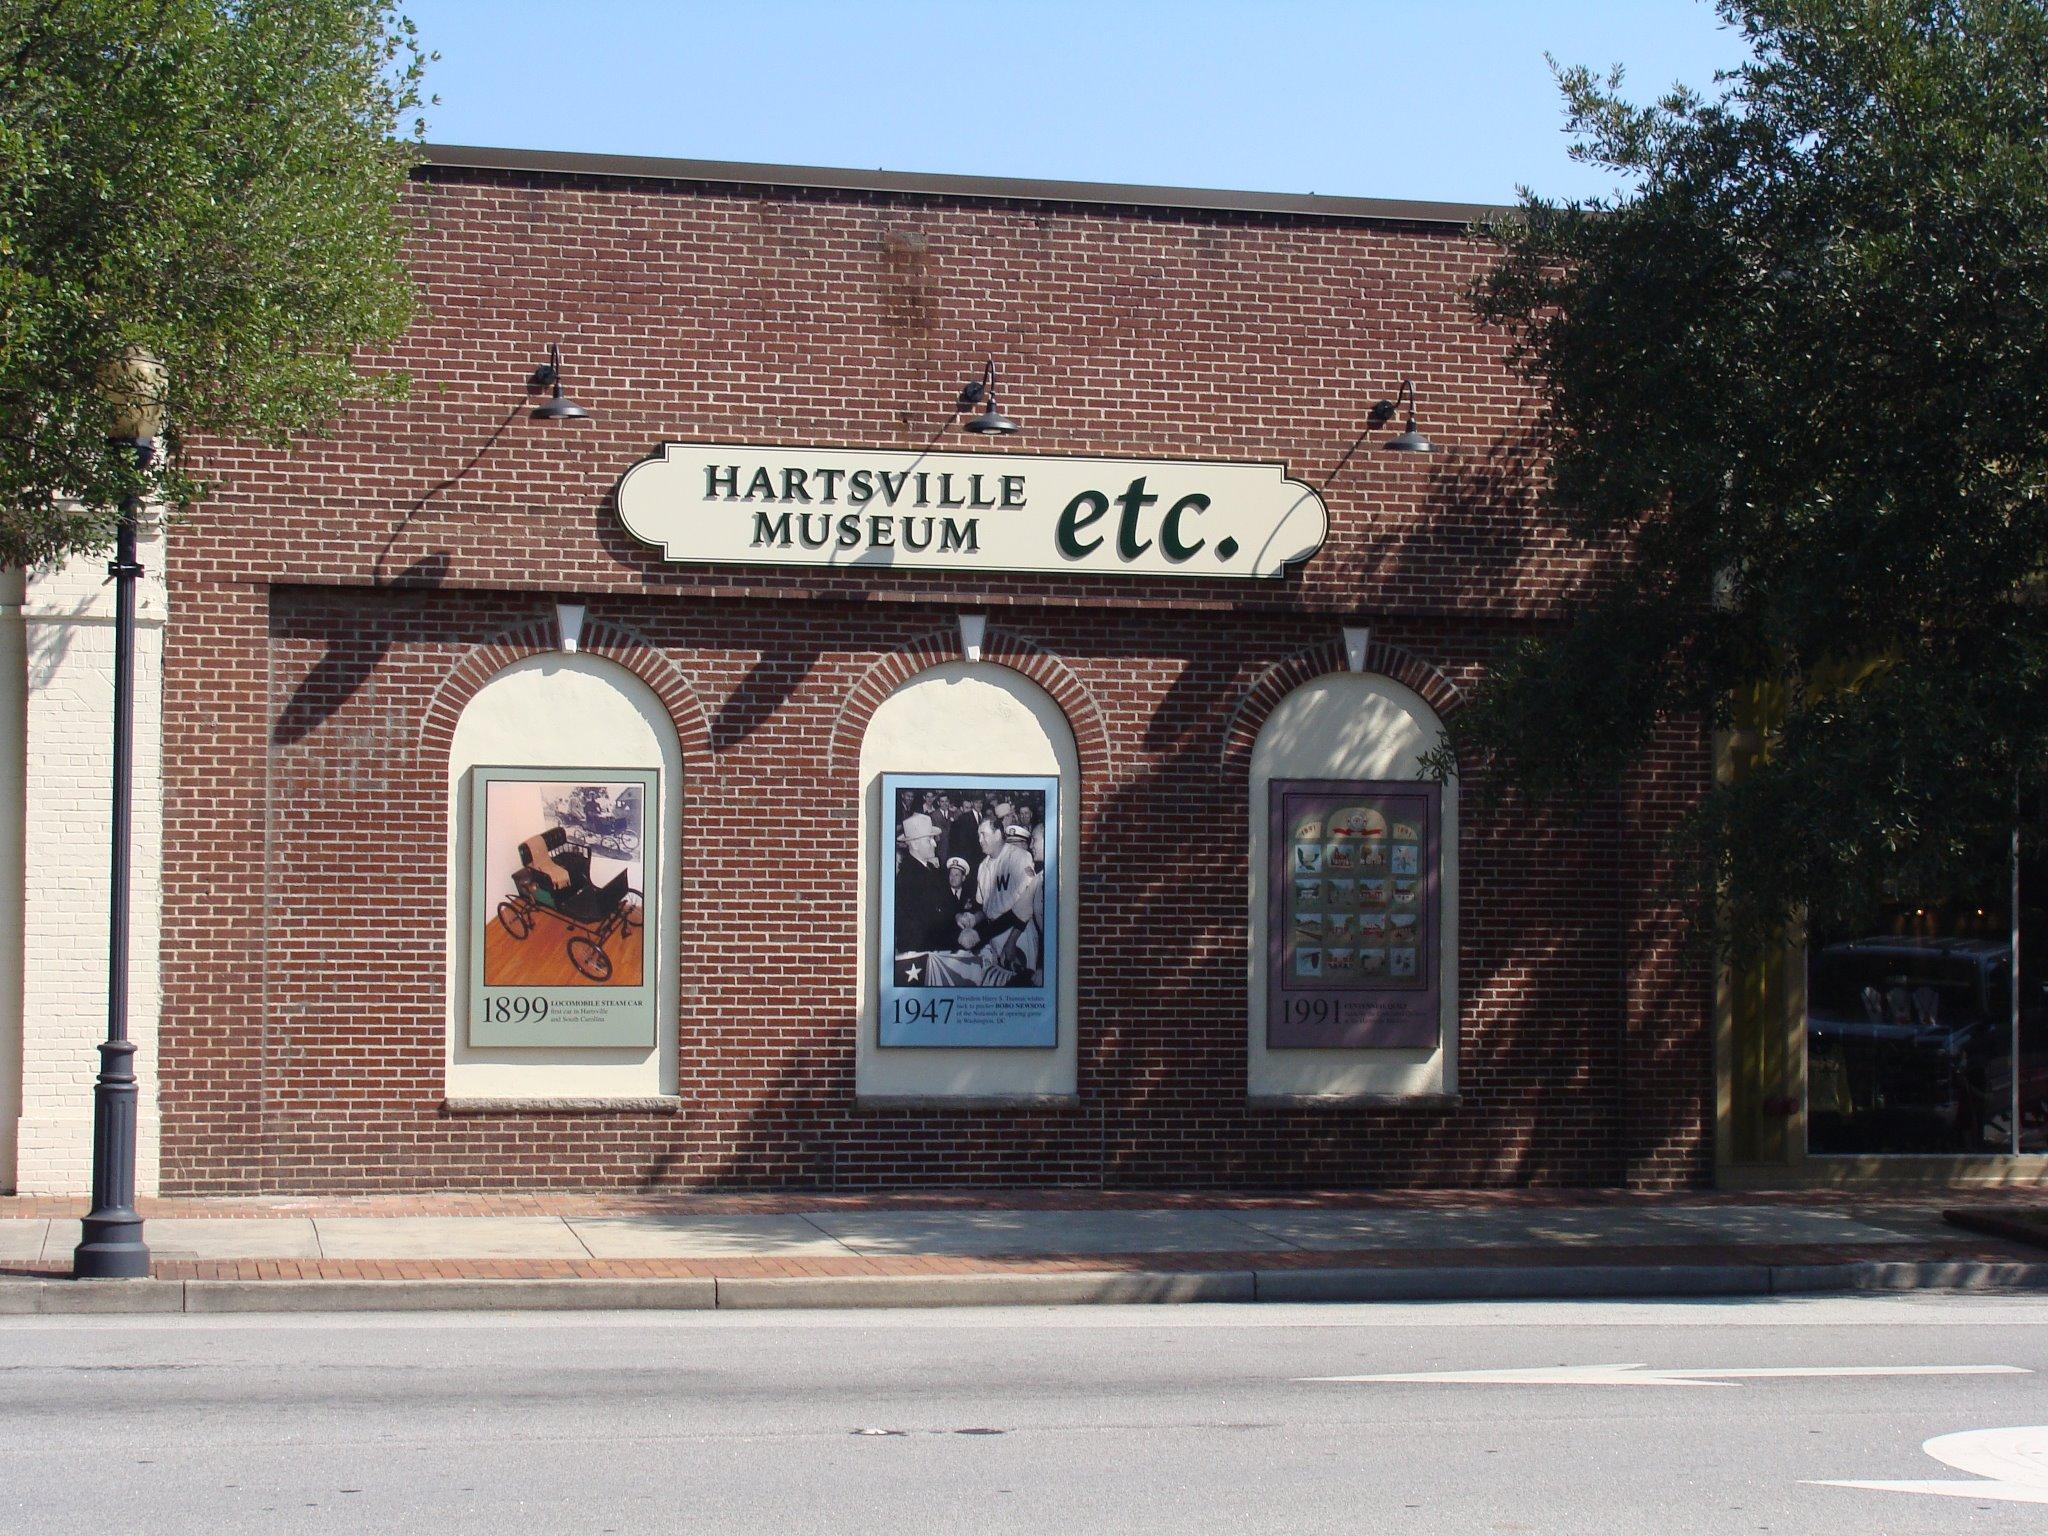 Hartsville Museum Etc.